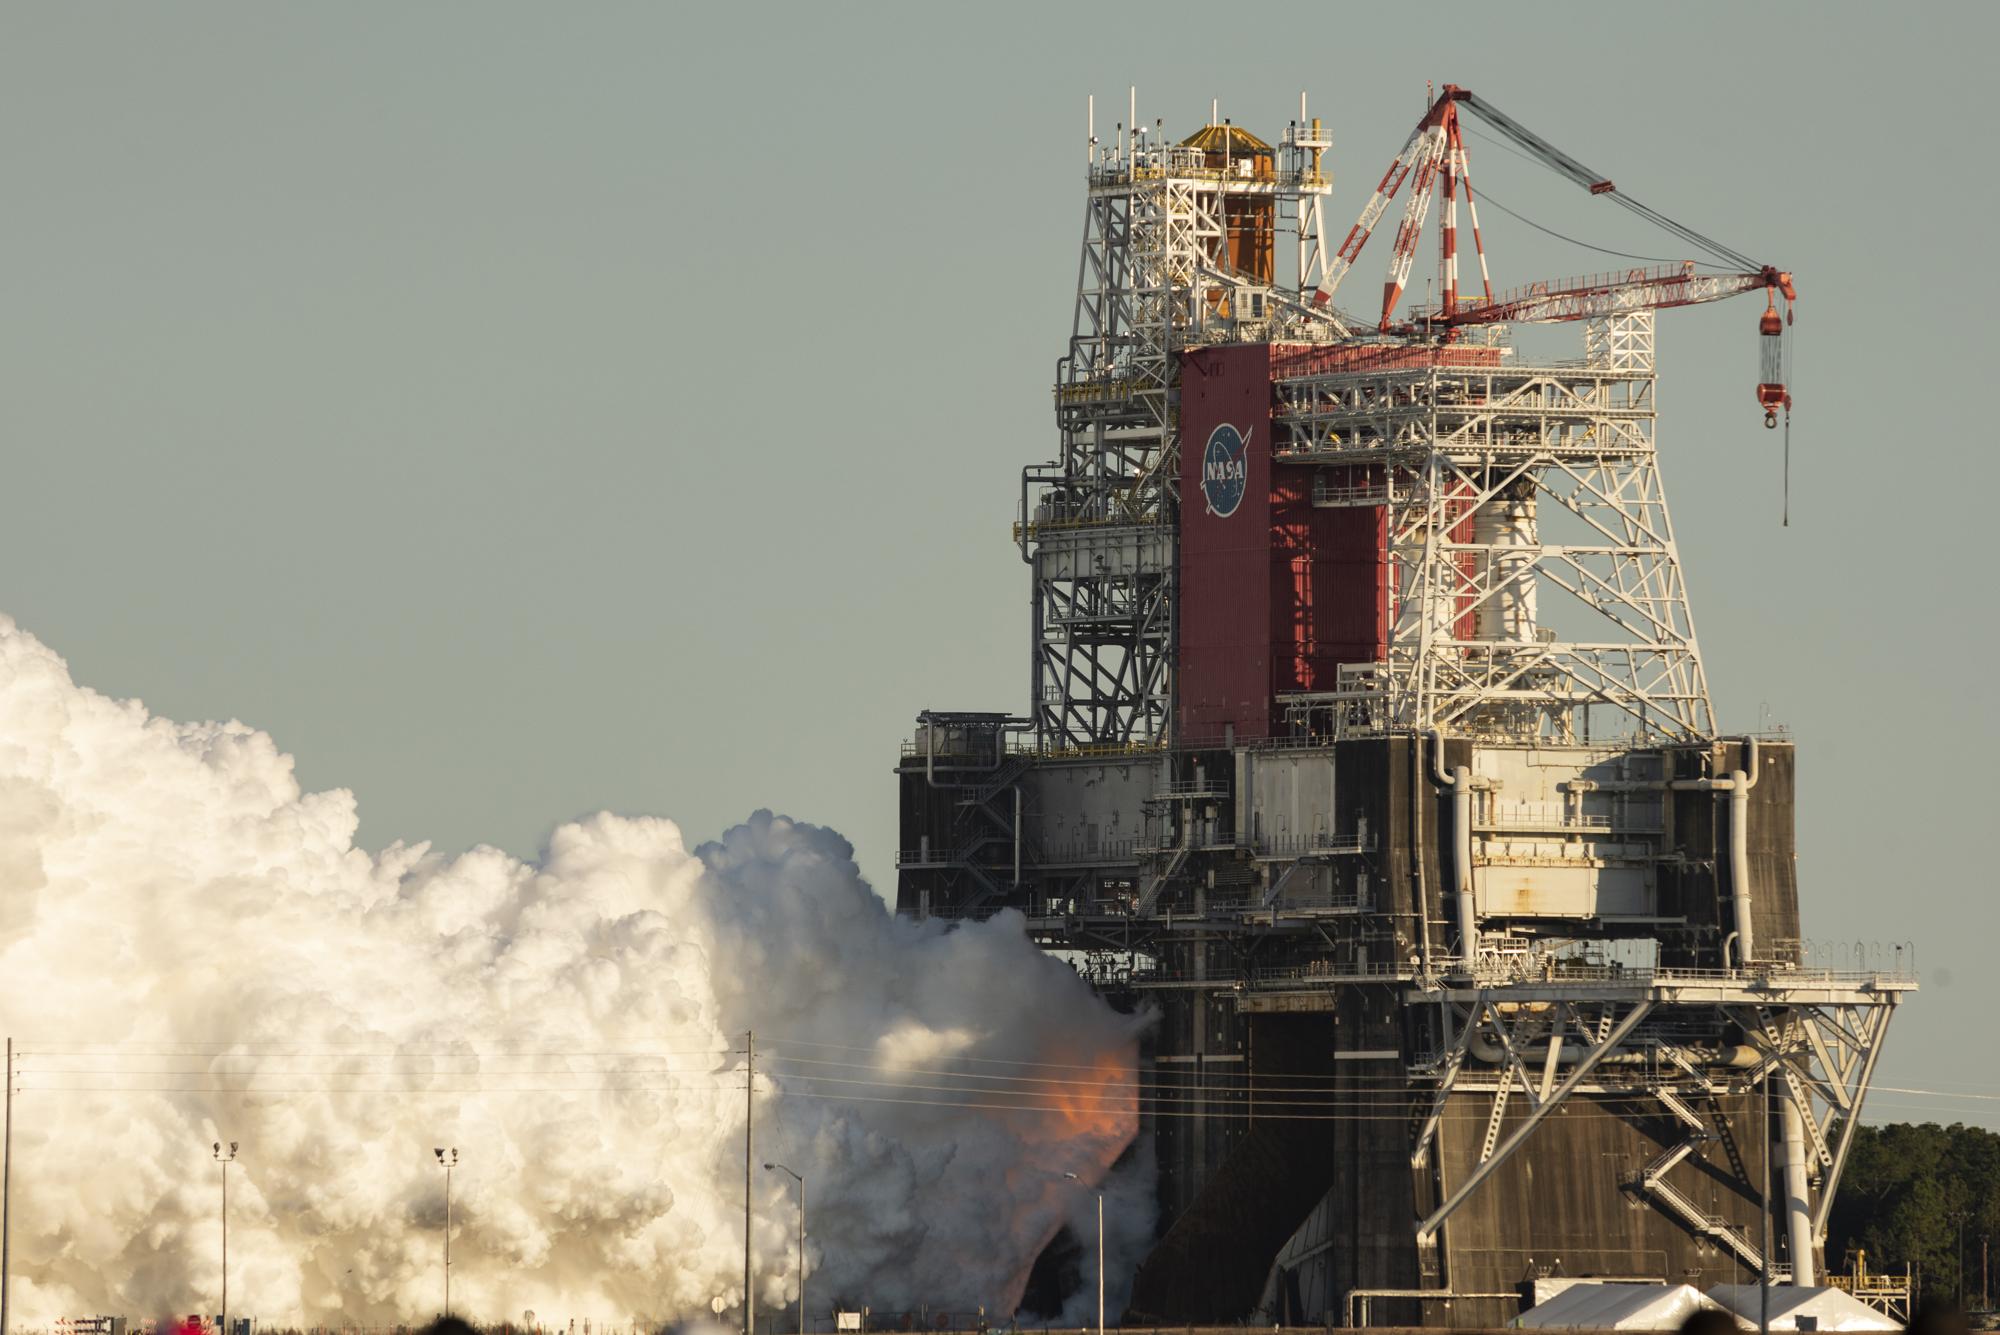 Le premier booster de base du système de lancement spatial de la NASA allume ses quatre moteurs principaux au Stennis Space Center près de Bay St. Louis, Mississippi, le 16 janvier 2020. Prévu pour durer 8 minutes, le test a duré un peu plus d'une minute.